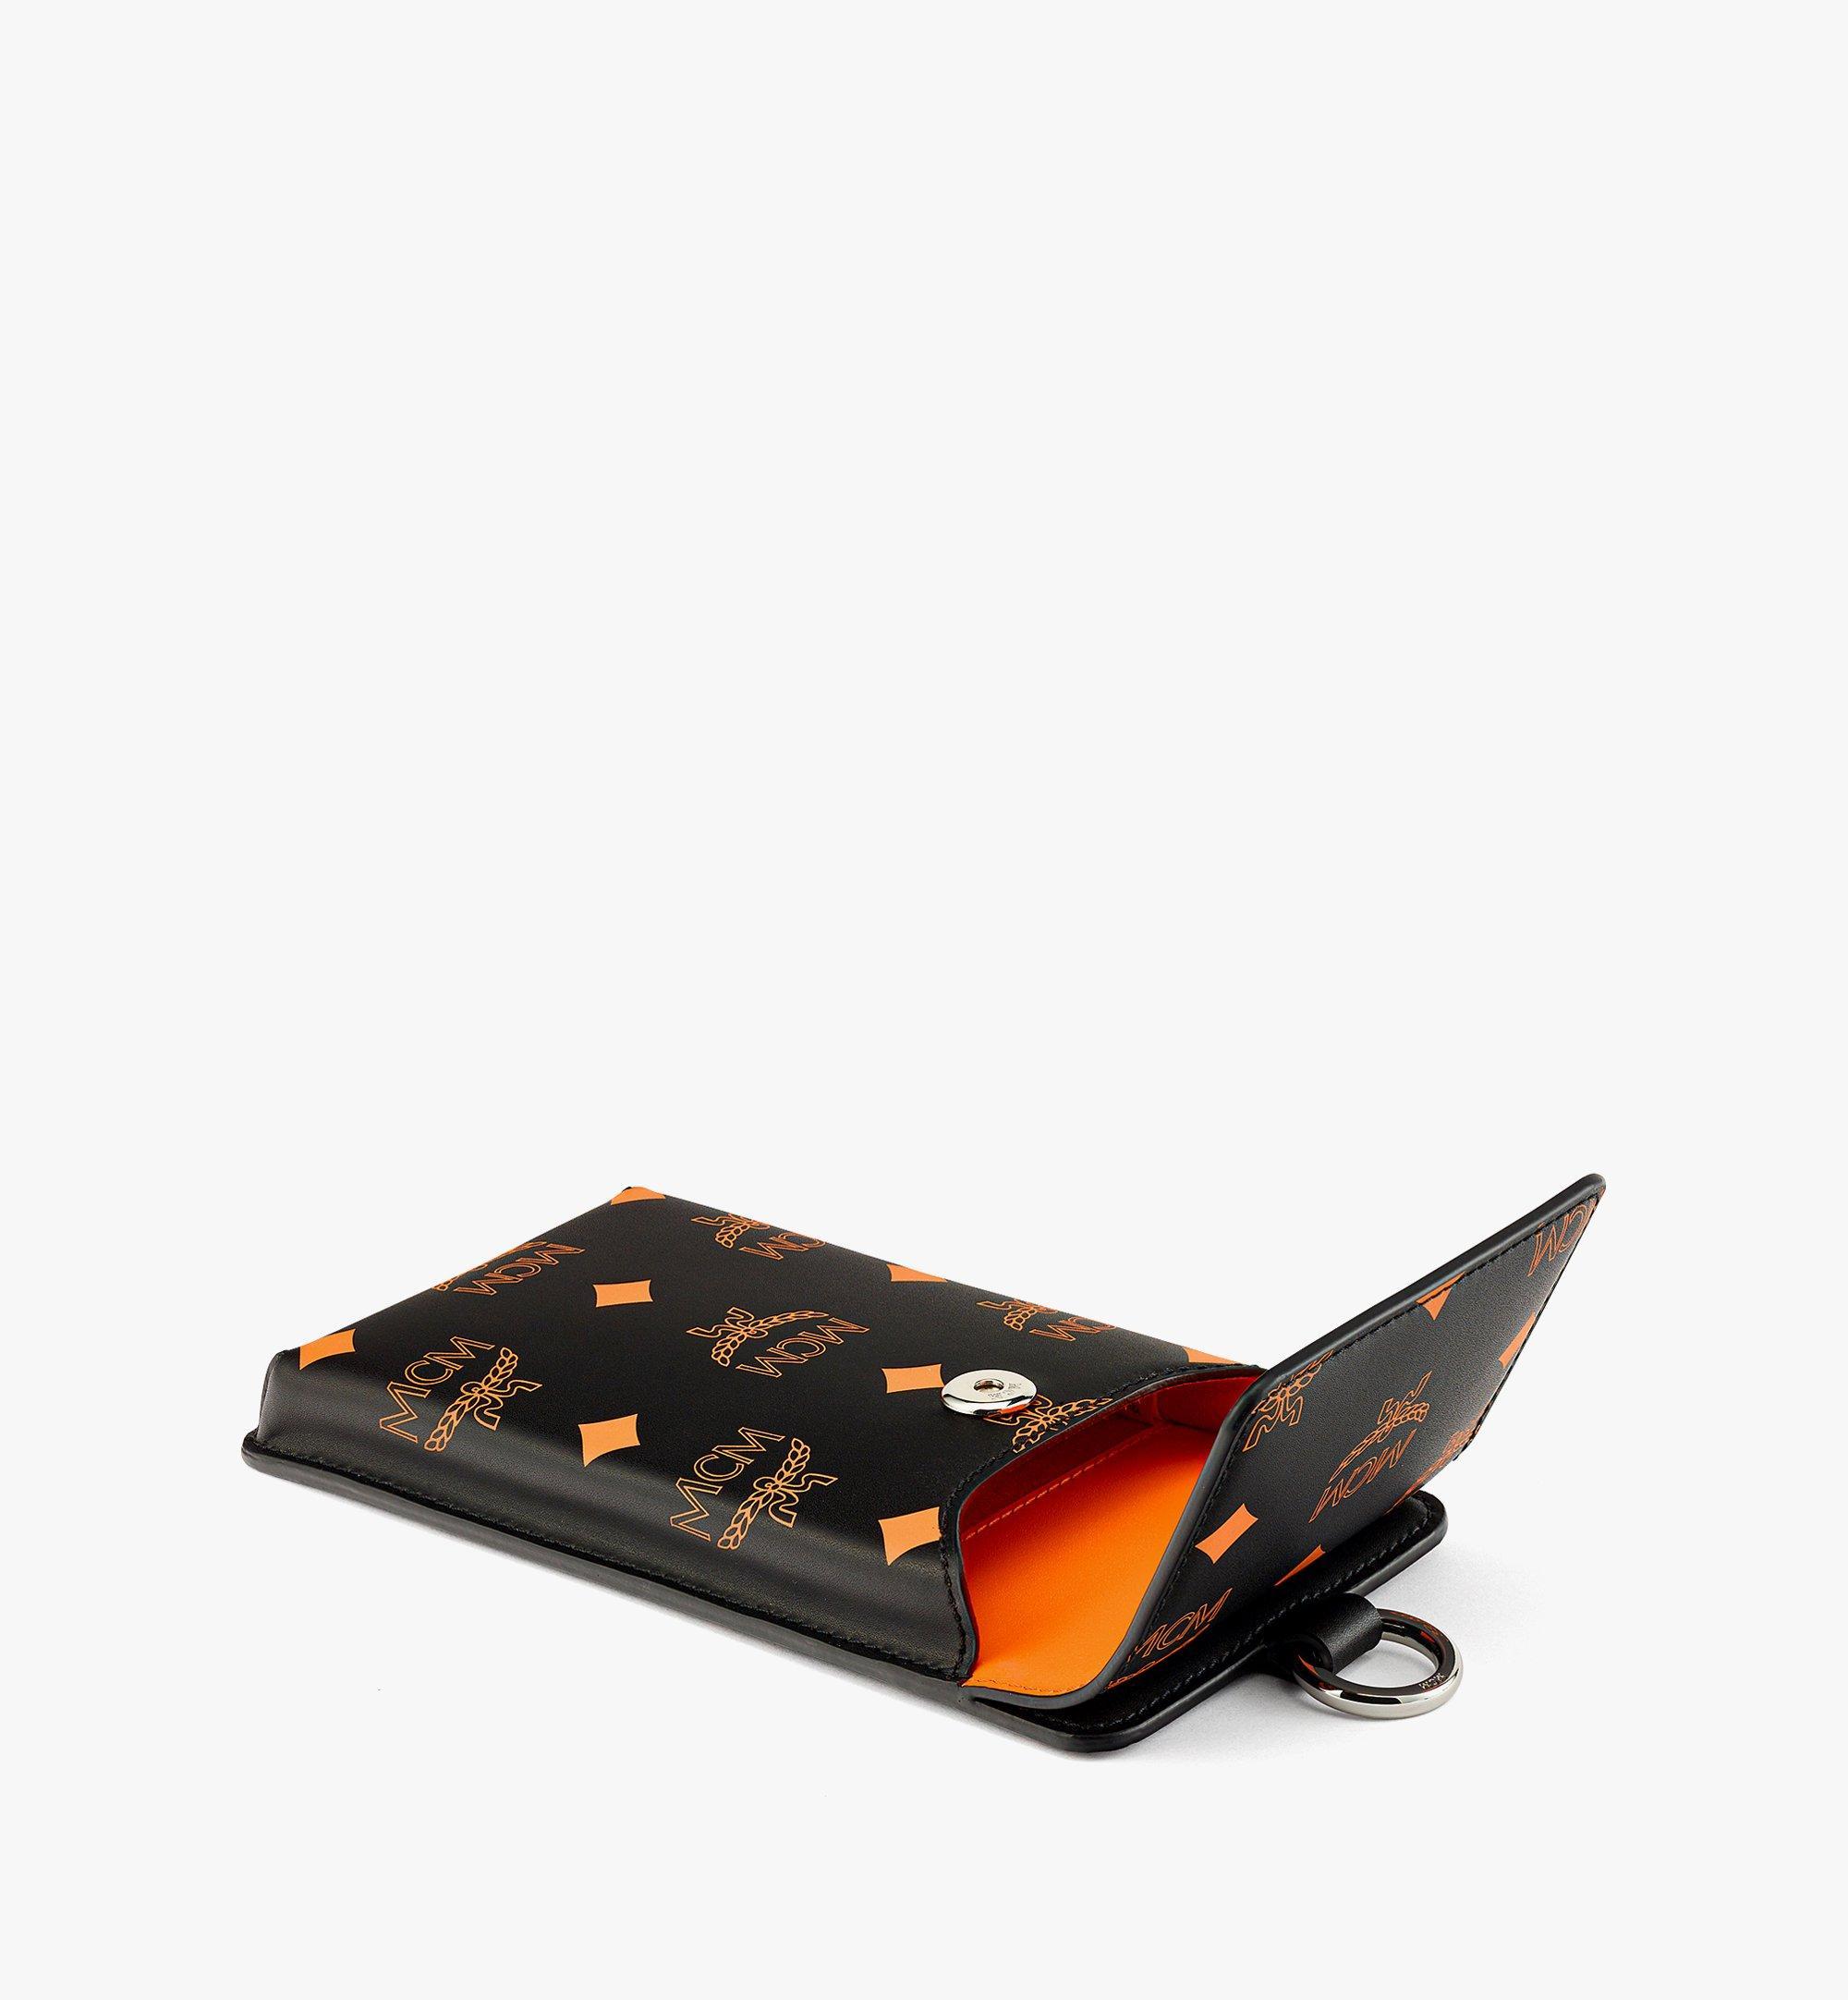 MCM 컬러 스플래시 로고 레더 랜야드 폰 케이스 Orange MXZBASX05O9001 다른 각도 보기 1